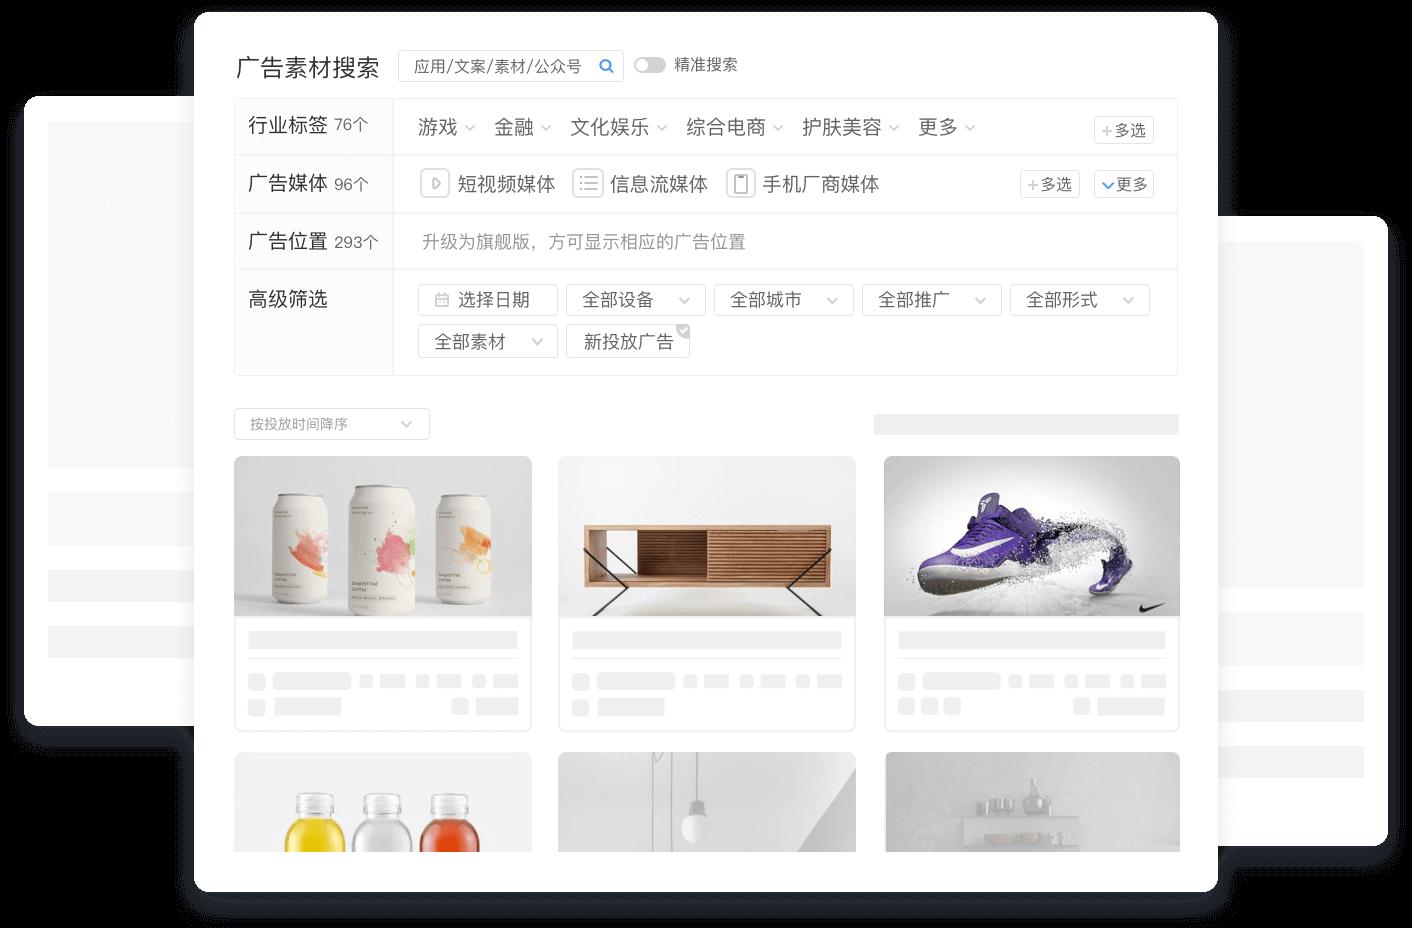 广告素材搜索